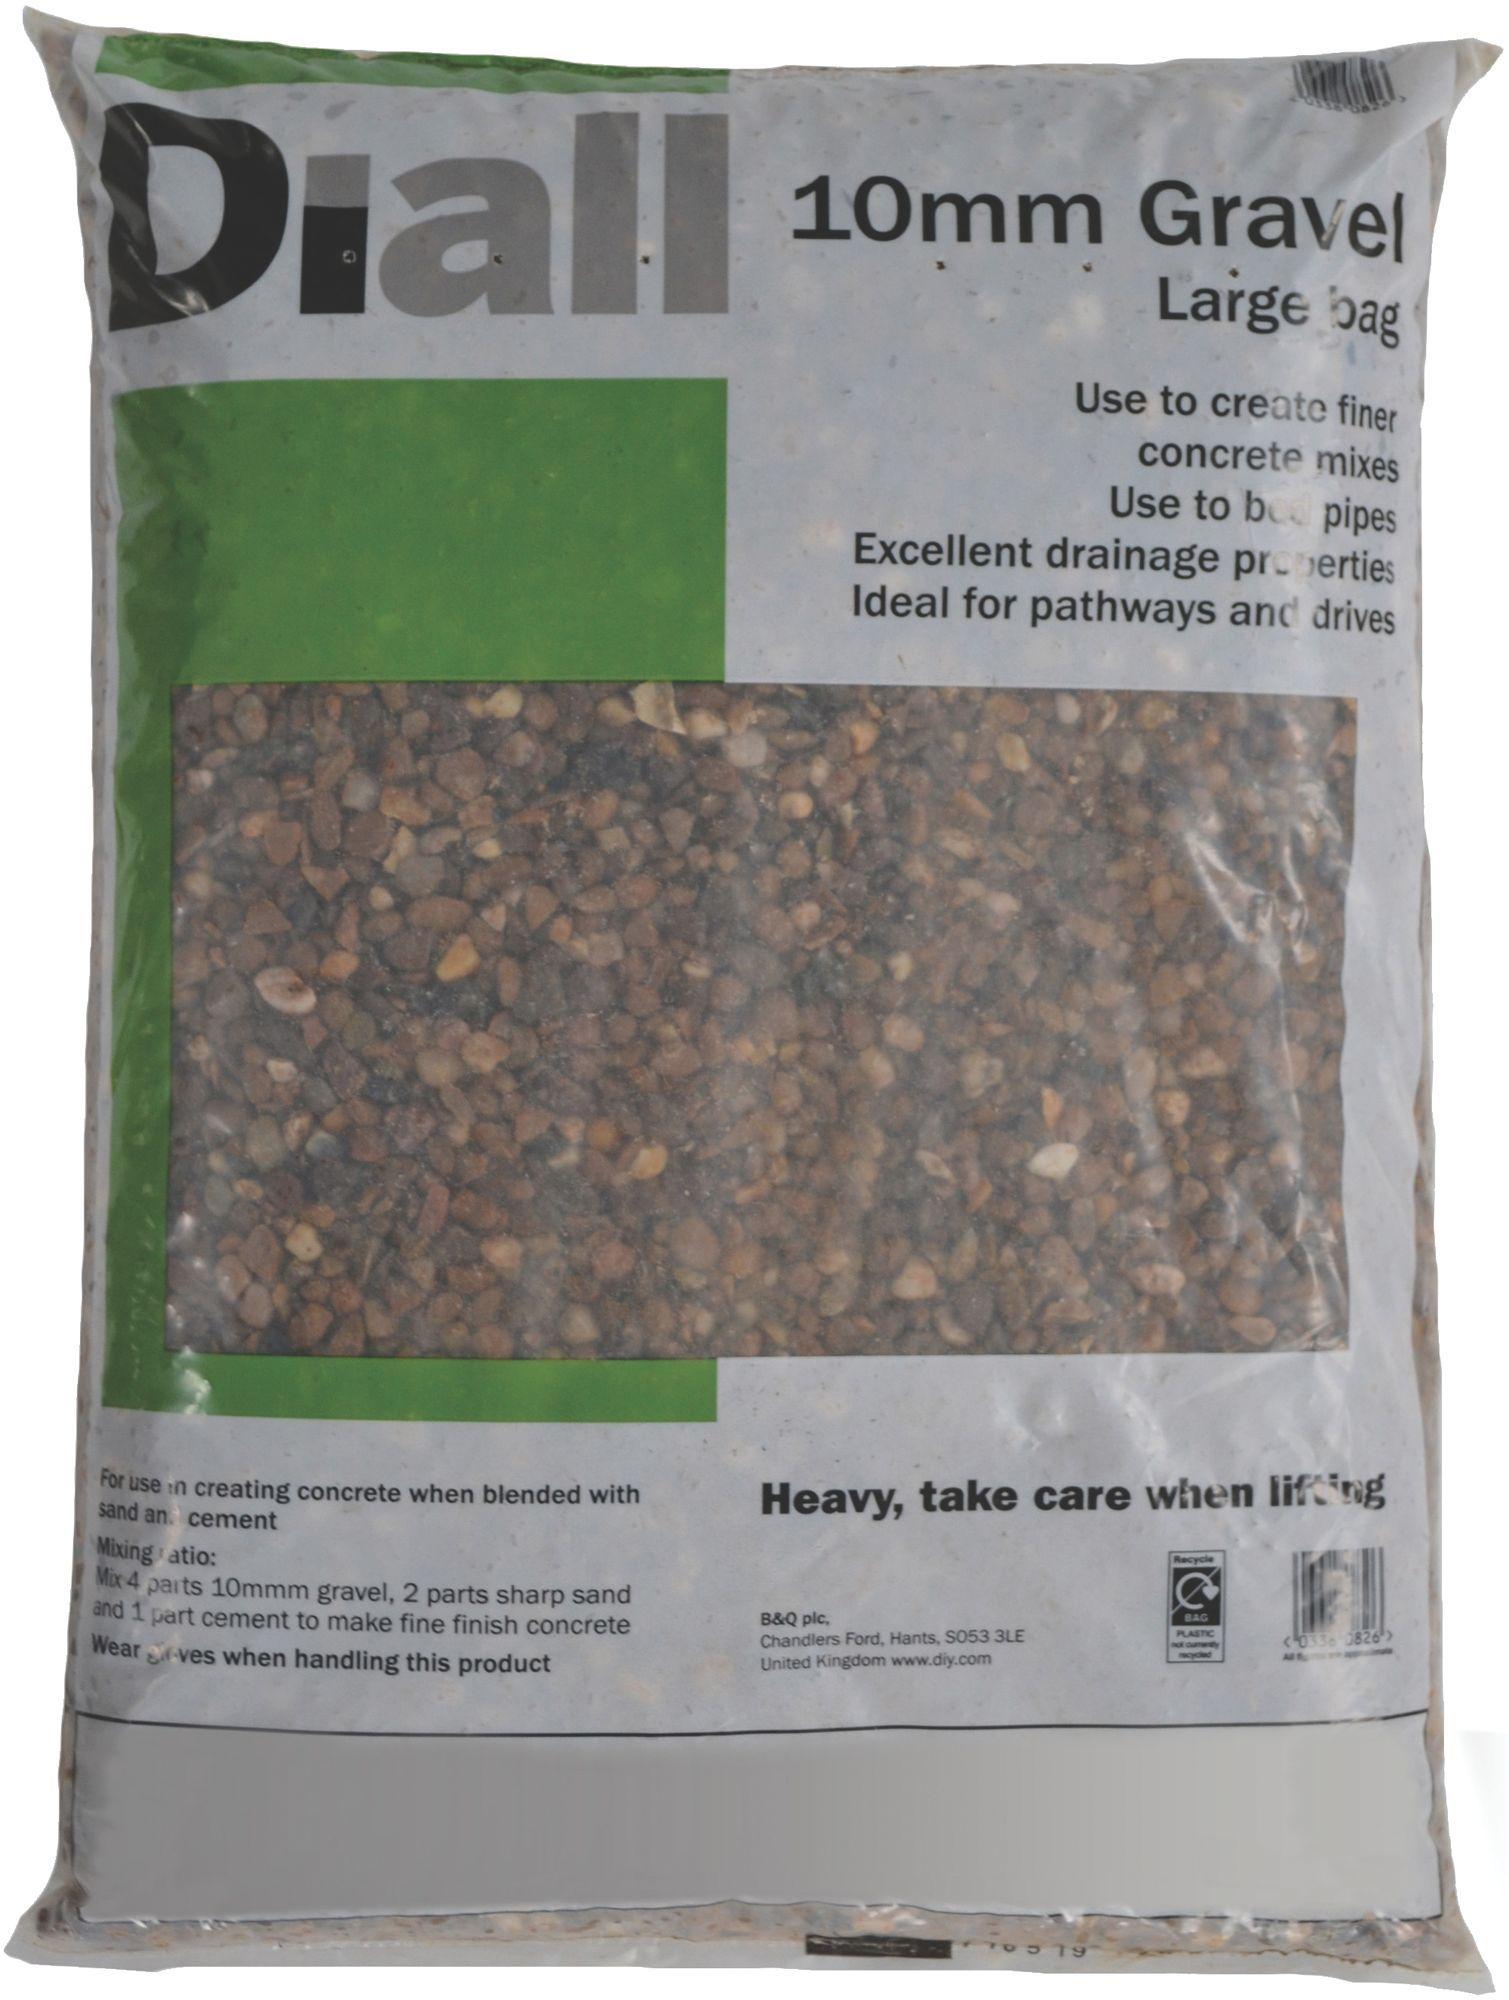 Phenomenal Diall 10Mm Gravel Large Bag Departments Diy At Bq Short Links Chair Design For Home Short Linksinfo